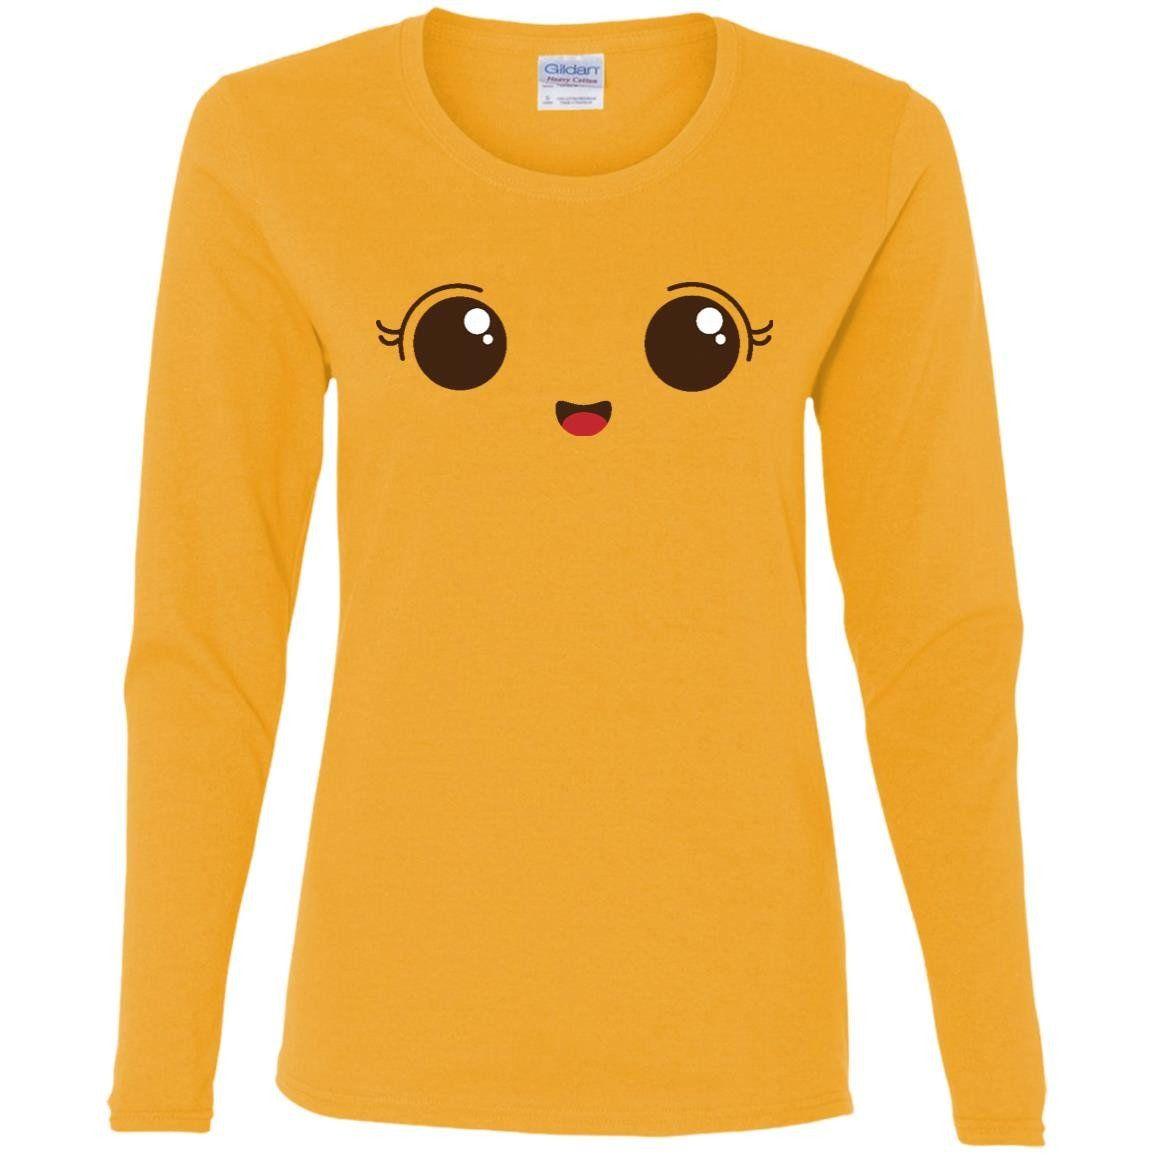 Simple Smile Face Emoji T Shirt7-01 G540L Gildan Ladies' Cotton LS T-Shirt